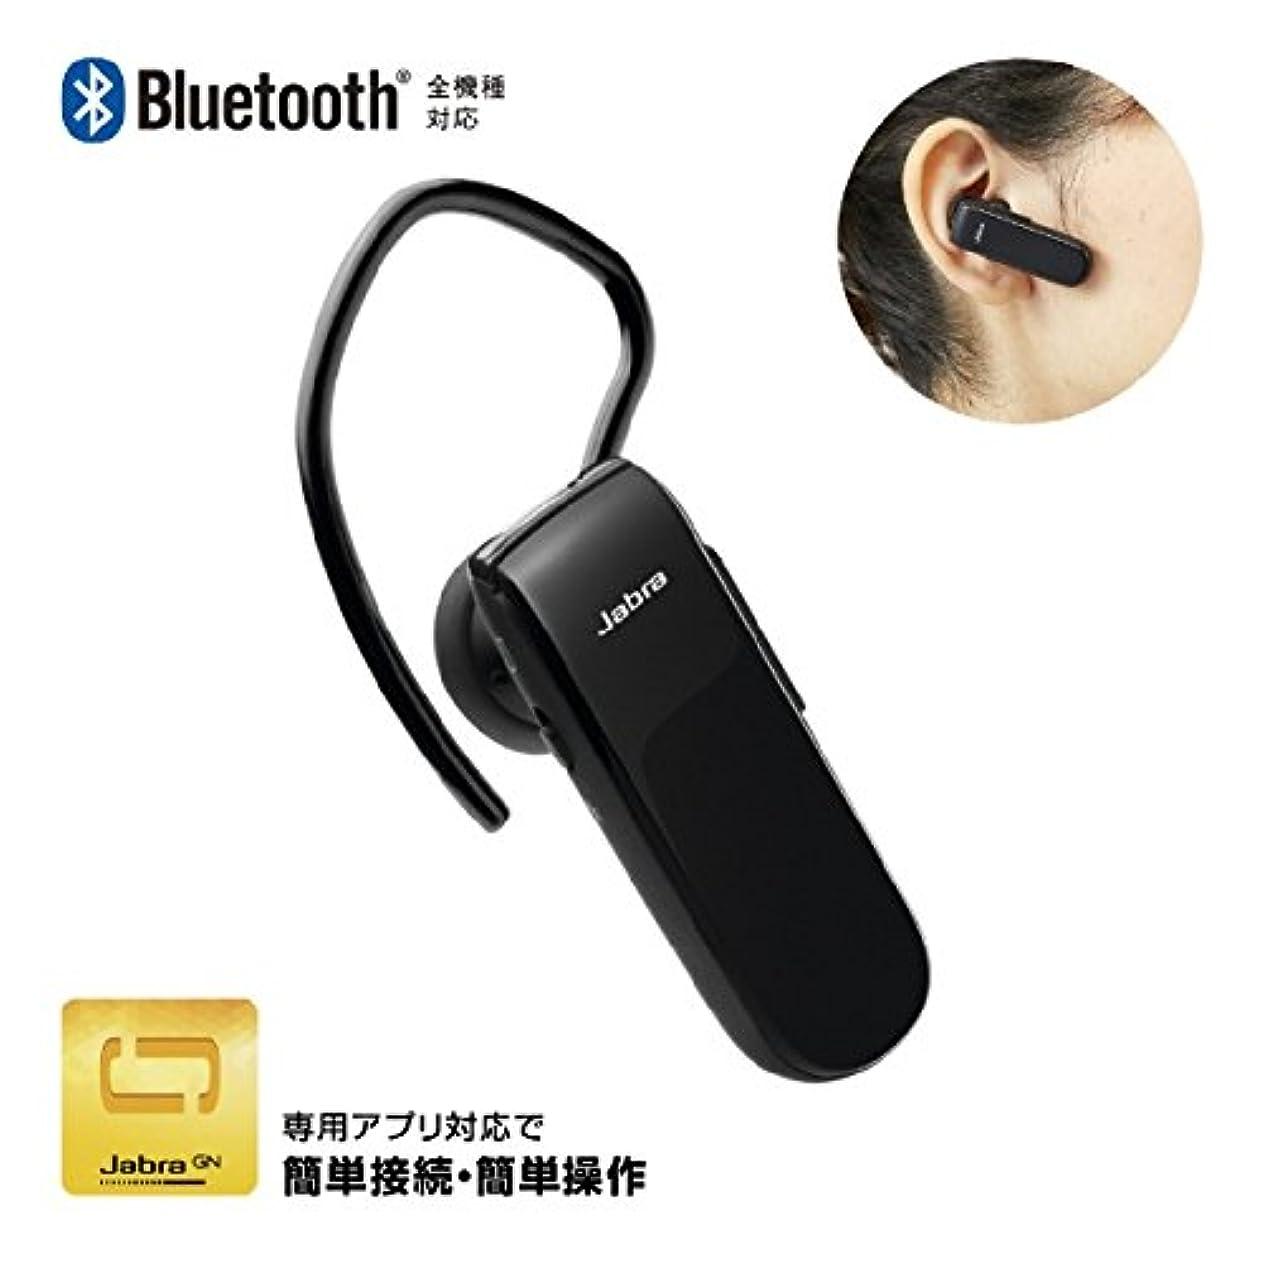 高層ビル検出可能まろやかなワイヤレスヘッドセット[Bluetooth 4.0]Jabra CLASSIC Japan BLACK 100-92300200-36